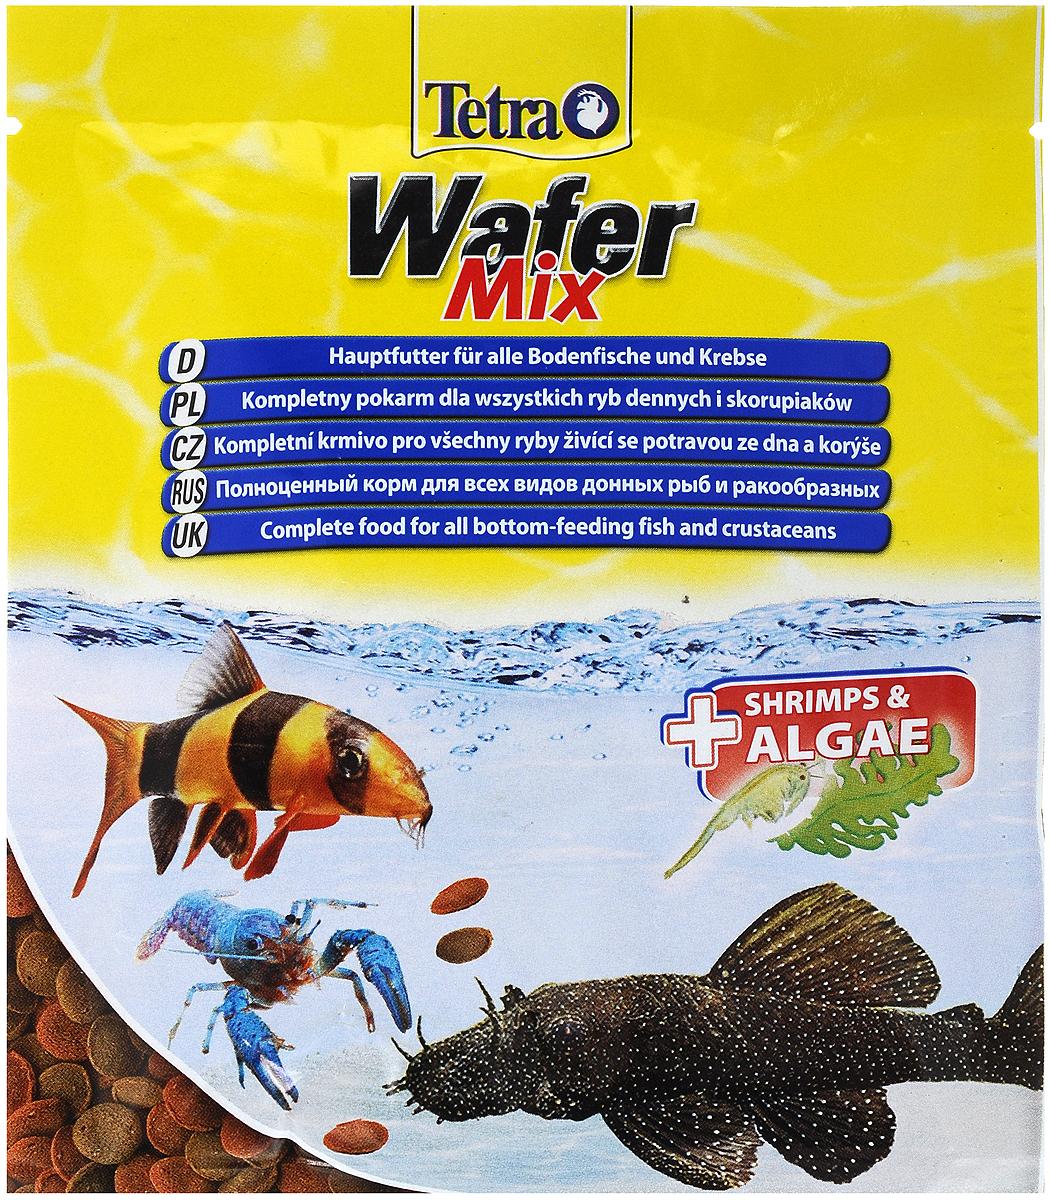 Корм Tetra TetraWafer Mix для всех видов донных рыб и ракообразных, пластинки, 15 г. 134461134461_в воде/1Корм Tetra TetraWafer Mix - это высококачественная смесь основного корма и креветок для кормления травоядных, хищных и донных рыб. Идеально подходит для кормления ракообразных (креветок, крабов, раков), сомовых и других придонных обитателей. Для травоядных донных рыб в аквариуме идеально подходят зеленые пластинки из водорослей спирулины, а коричневые - идеальны для хищников. Корм не мутит и не загрязняет воду благодаря плотному составу. Форма пластинок соответствует свойствам природного корма, позволяет кормить рыб разных размеров. Множество отборных высококачественных компонентов, витаминов, минералов и аминокислот обеспечивают питательными и энергетическими потребностями даже наиболее требовательных видов аквариумных рыб. Рекомендации оп кормлению: кормить несколько раз в день маленькими порциями. Состав: экстракты растительного белка, рыба и побочные рыбные продукты, зерновые культуры, растительные продукты, моллюски и раки (креветки...